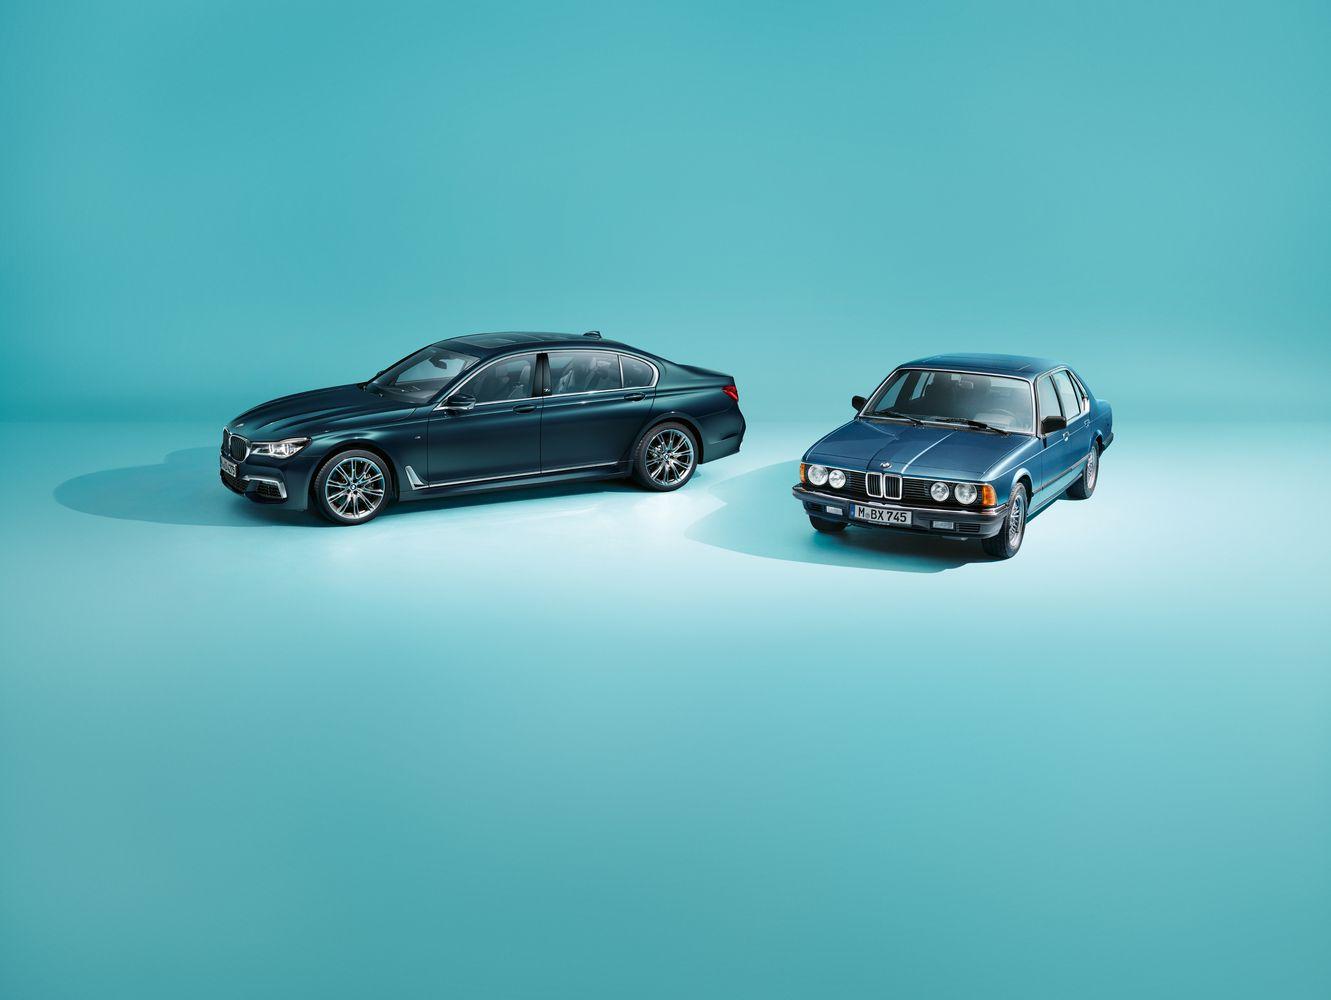 7 serijosjubiliejų BMW pažymės išskirtiniu modeliu